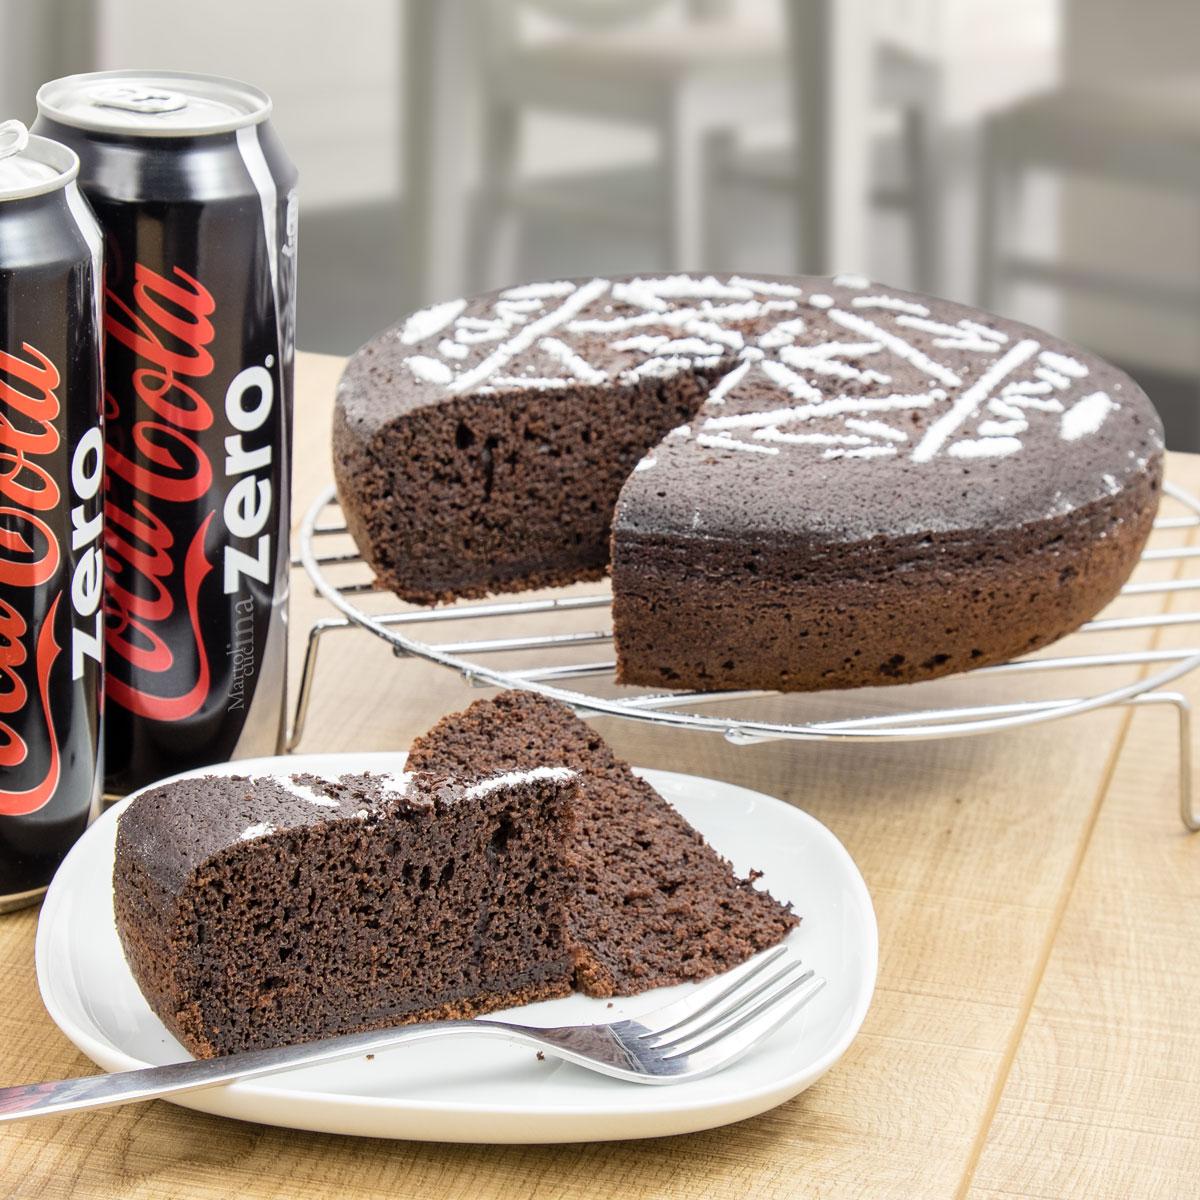 Dolce-coca-cola